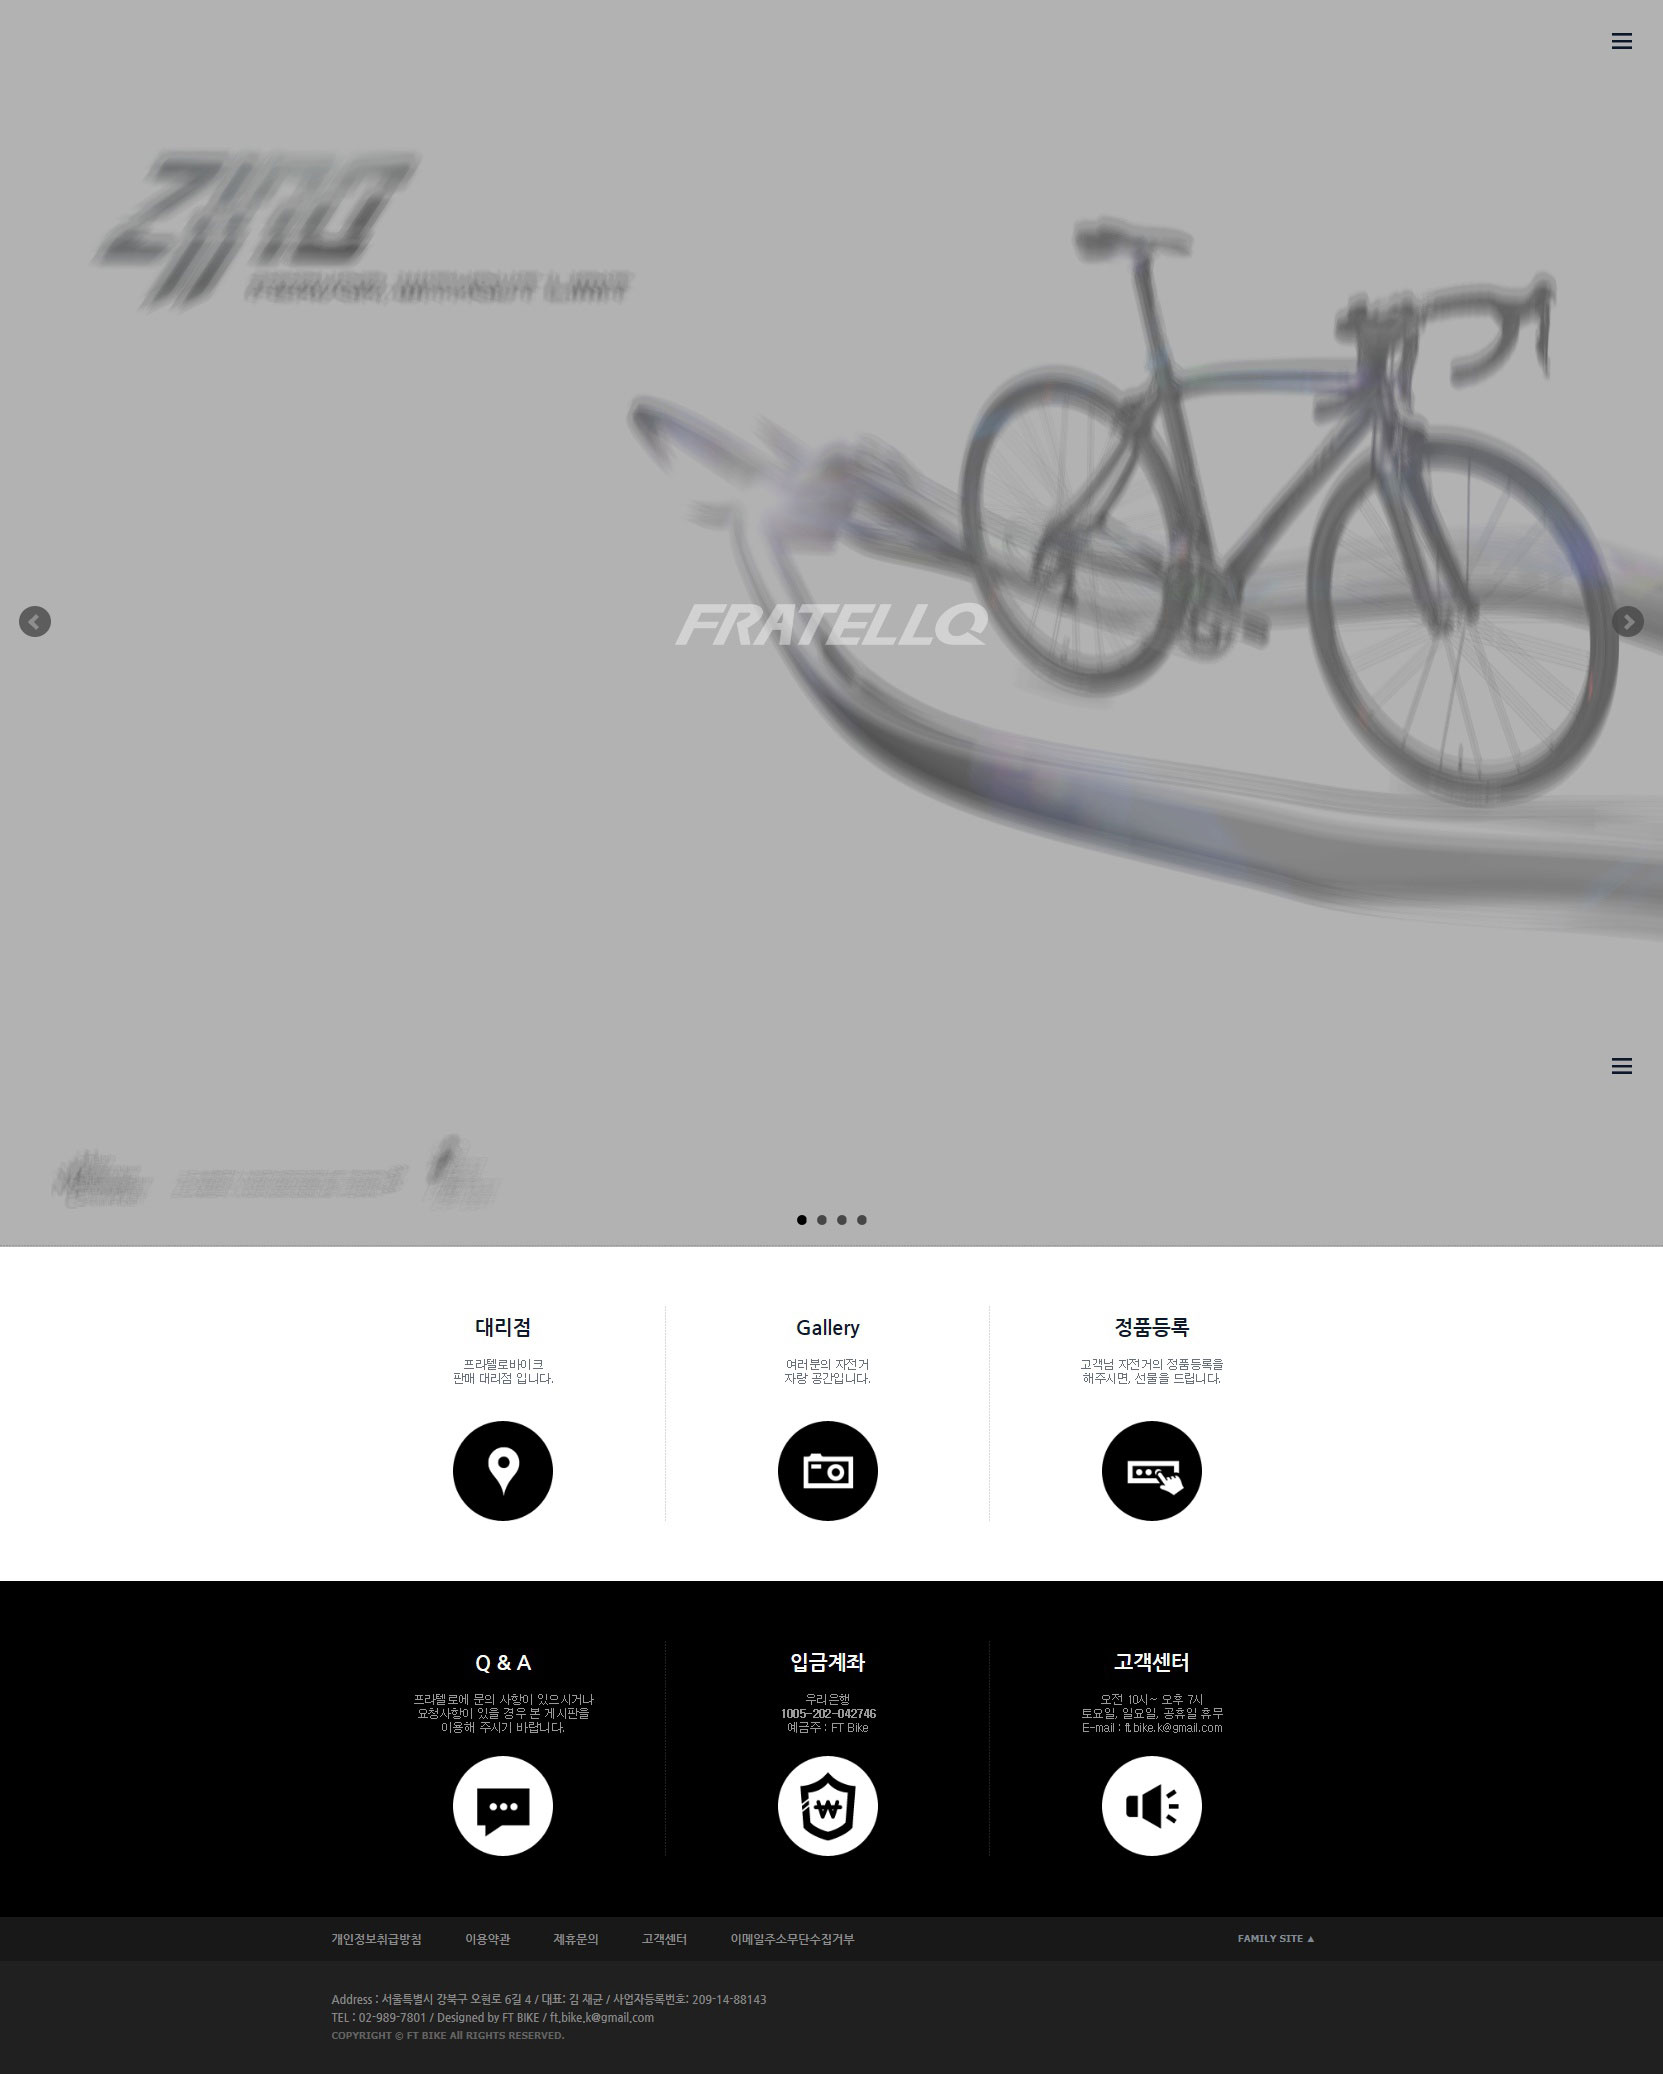 Fratello Bike